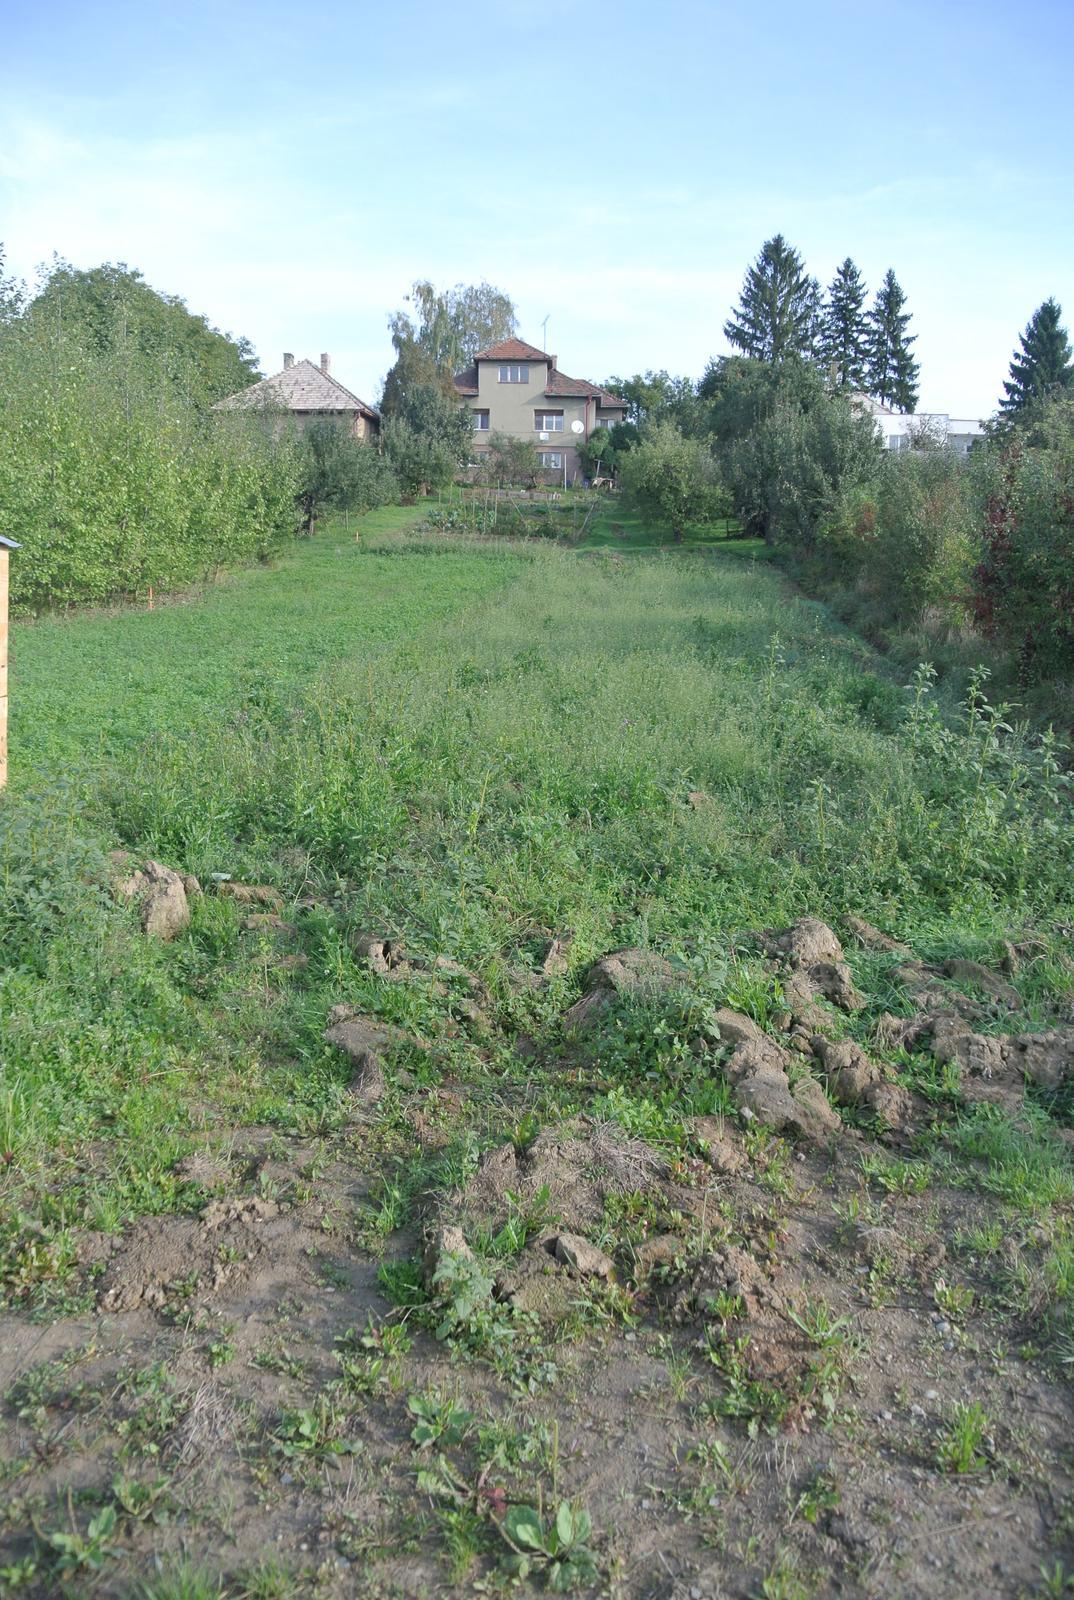 A bude domček ... - 27.9.2017 Posledná fotka pozemku v pôvodnom stave.